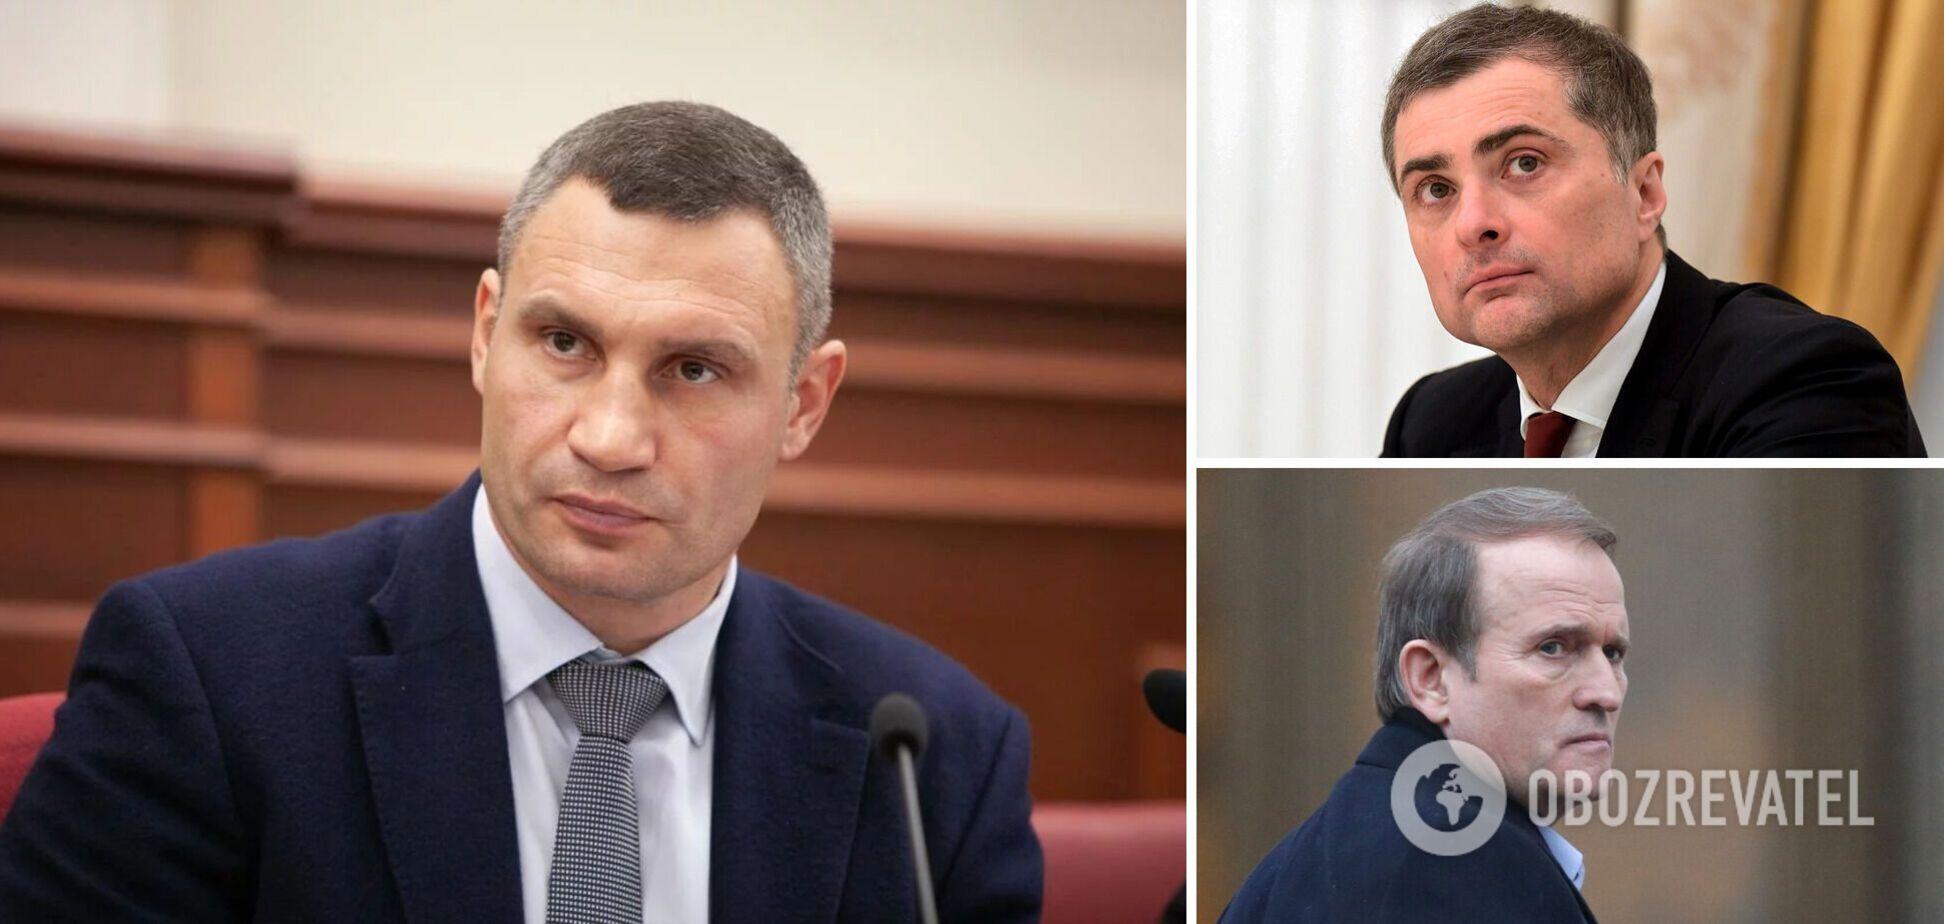 Віталій Кличко, Владислав Сурков і Віктор Медведчук